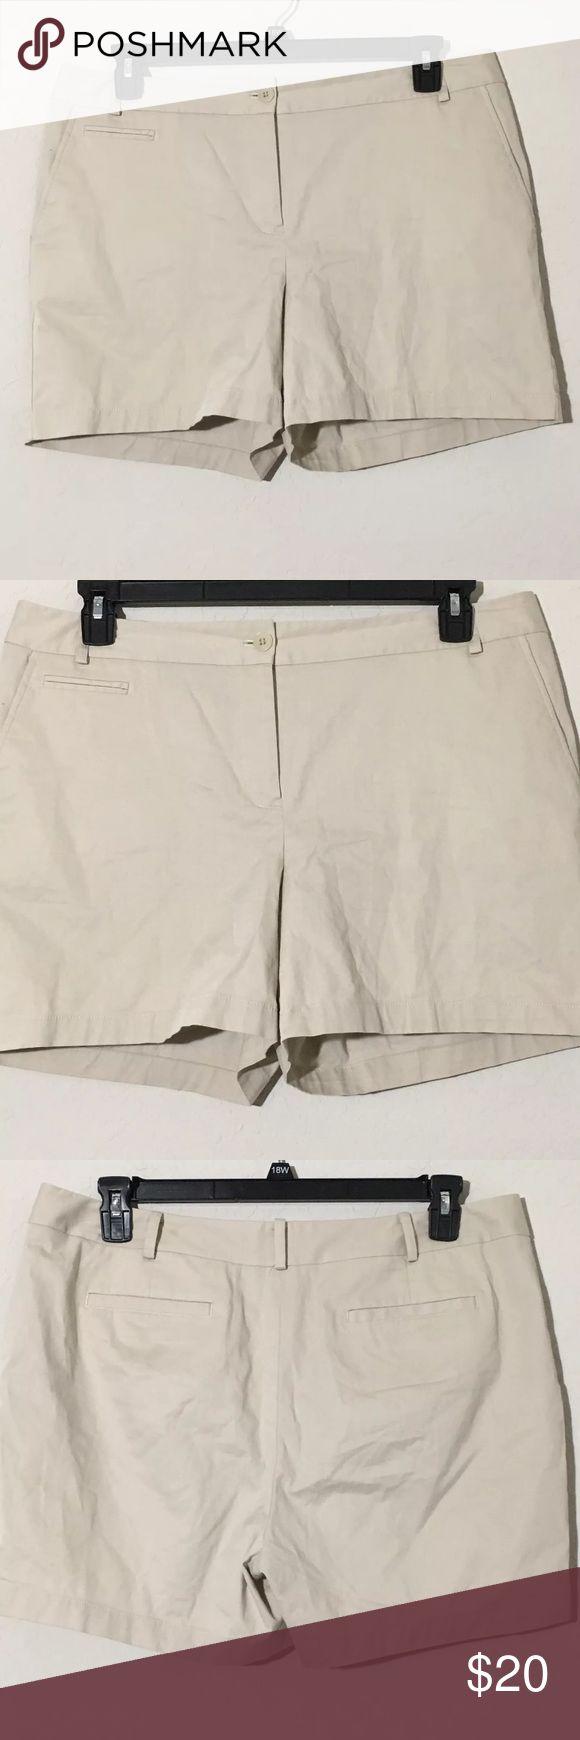 """Women's Talbots Beige Chino Shorts Sz 14 Women's Talbots beige chino shorts Sz 14 Measurements 18"""" waist laying flat, 4.5"""" inseam, 14.5"""" waist to hem. Excellent condition no flaws Talbots Shorts"""